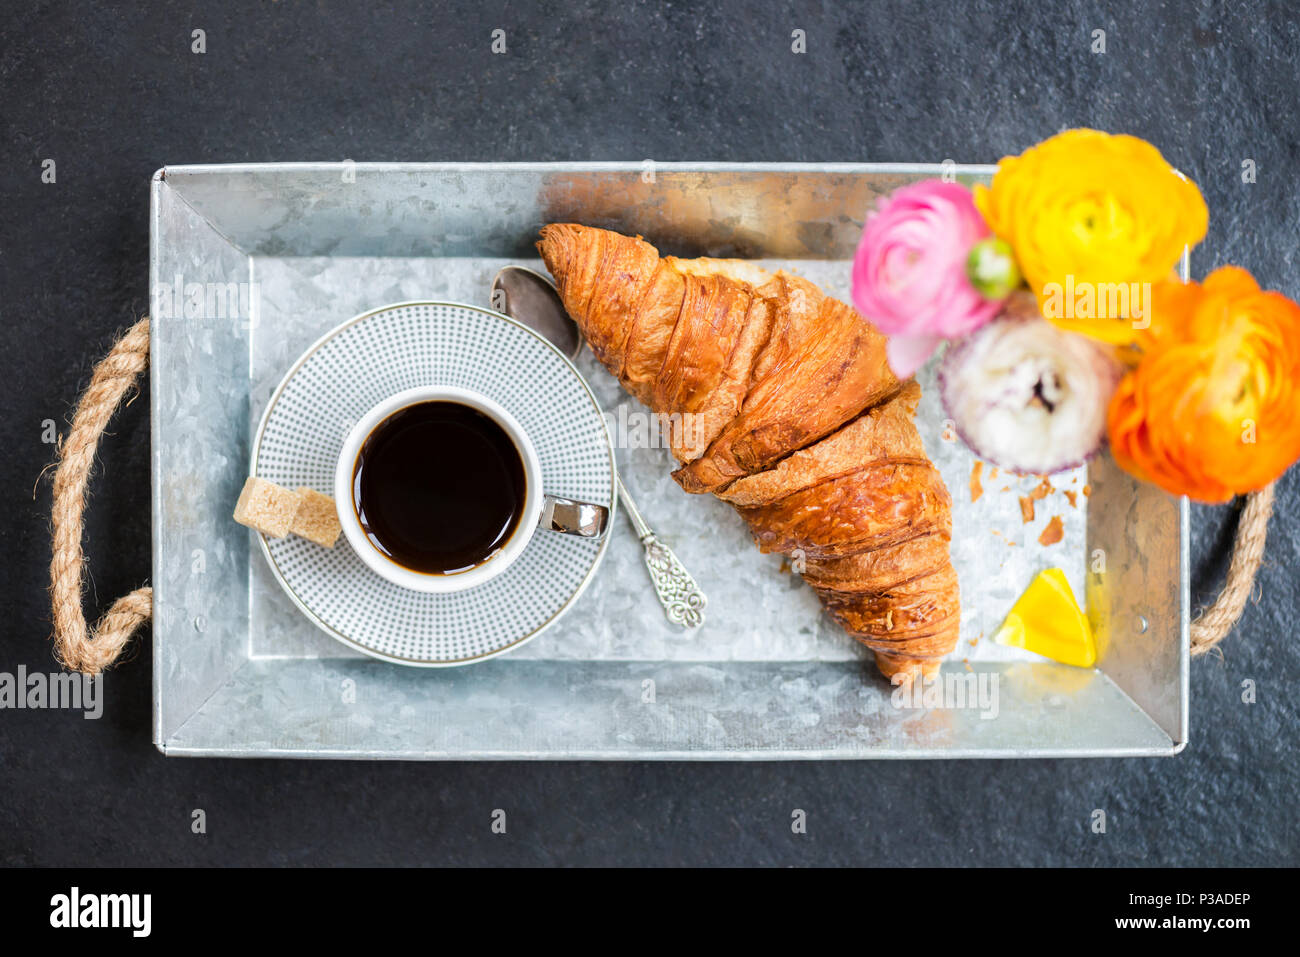 Desayuno ligero desde croissants frescos y una taza de café en la bandeja gris, Ranunculus flores cerca Foto de stock